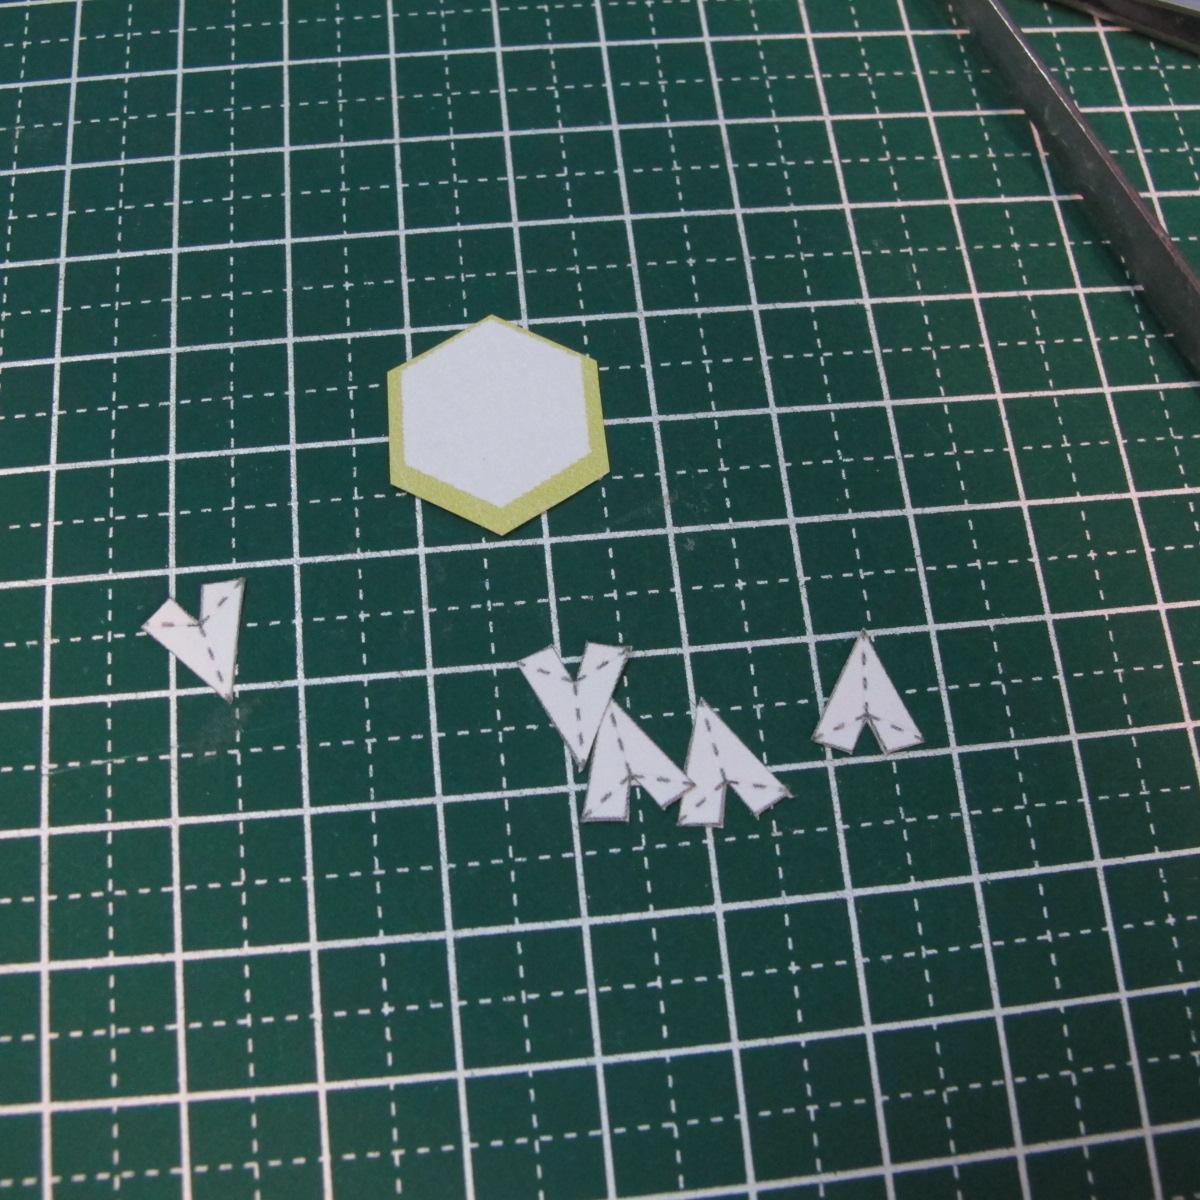 วิธีการทำโมเดลกระดาษเป็นสตอเบอรี่สีแดง 011